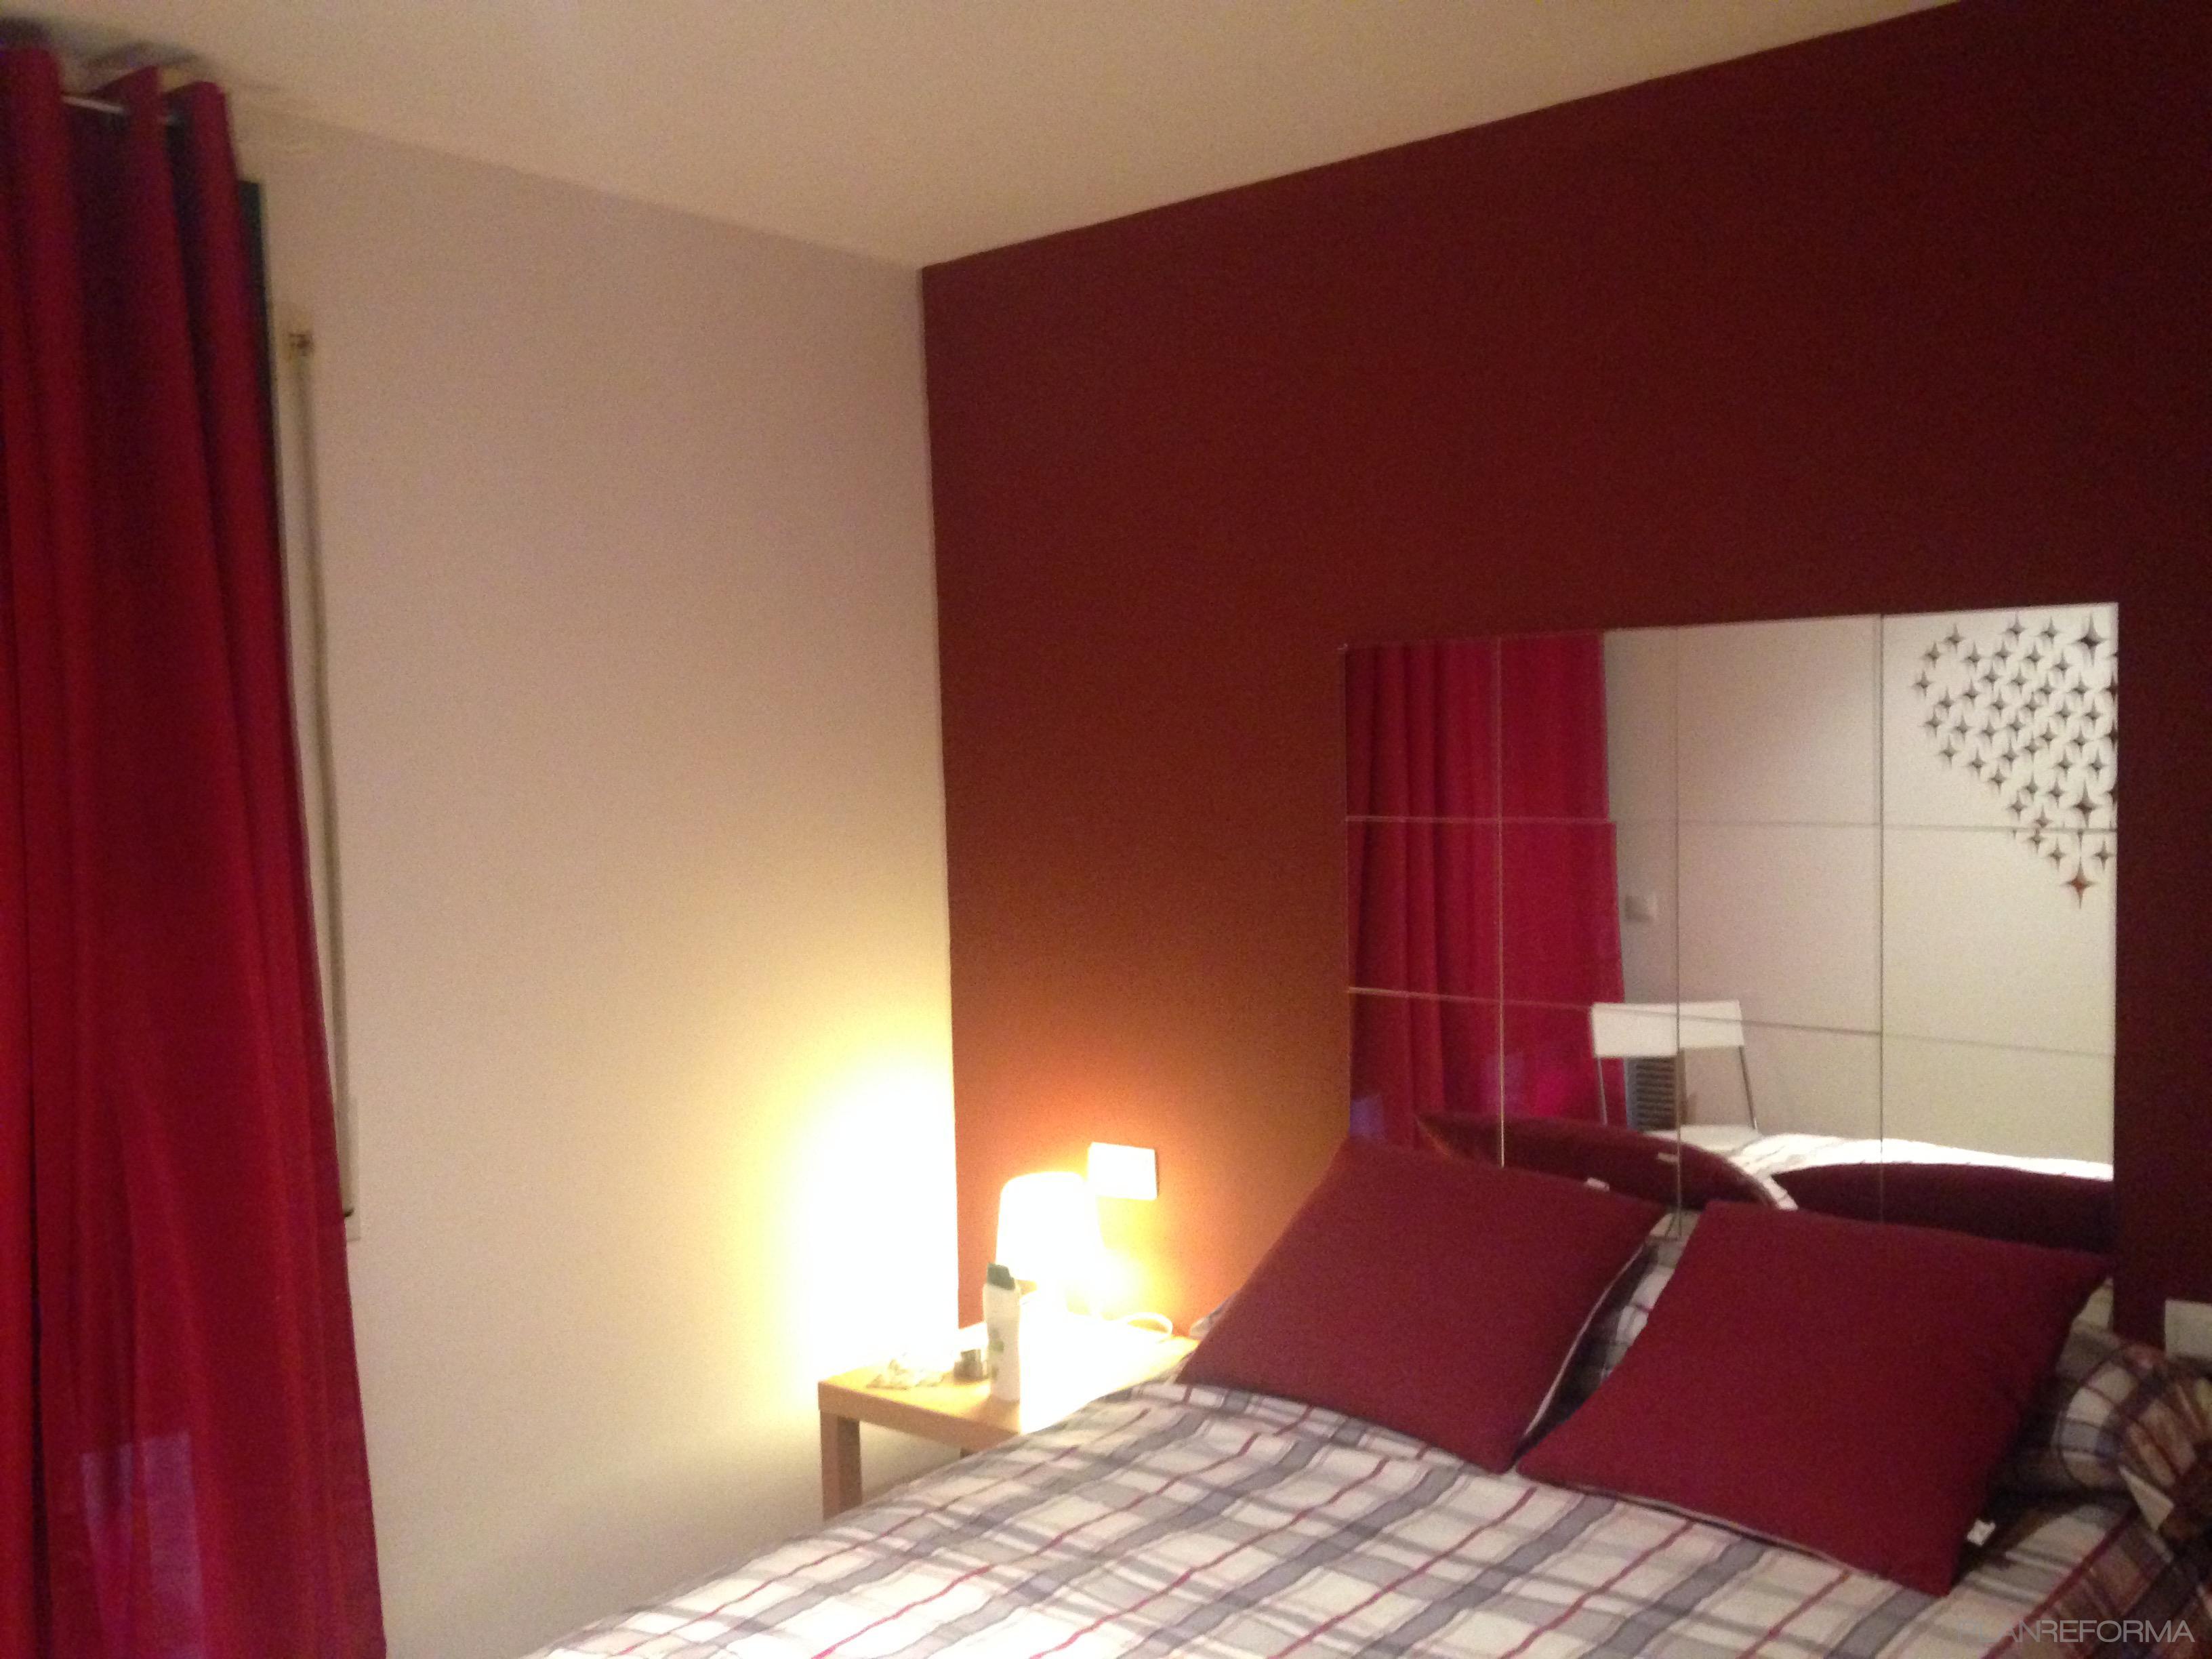 Dormitorio estilo moderno color rojo marron gris - Decoracion pintura dormitorios ...